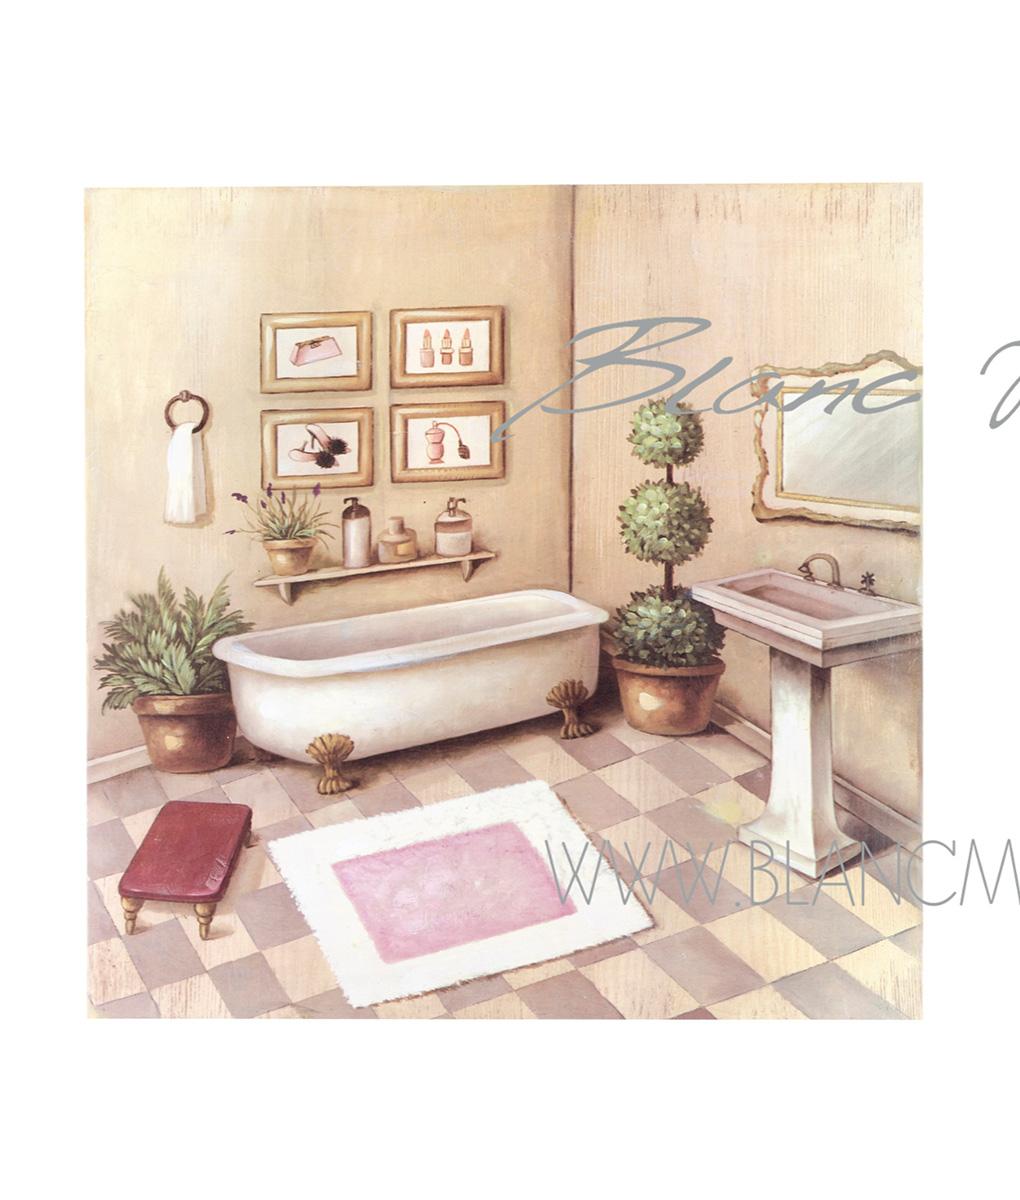 Quadro bagno con vasca cm 50x50x3 blanc mariclo 39 reggio - Bagno con vasca ...